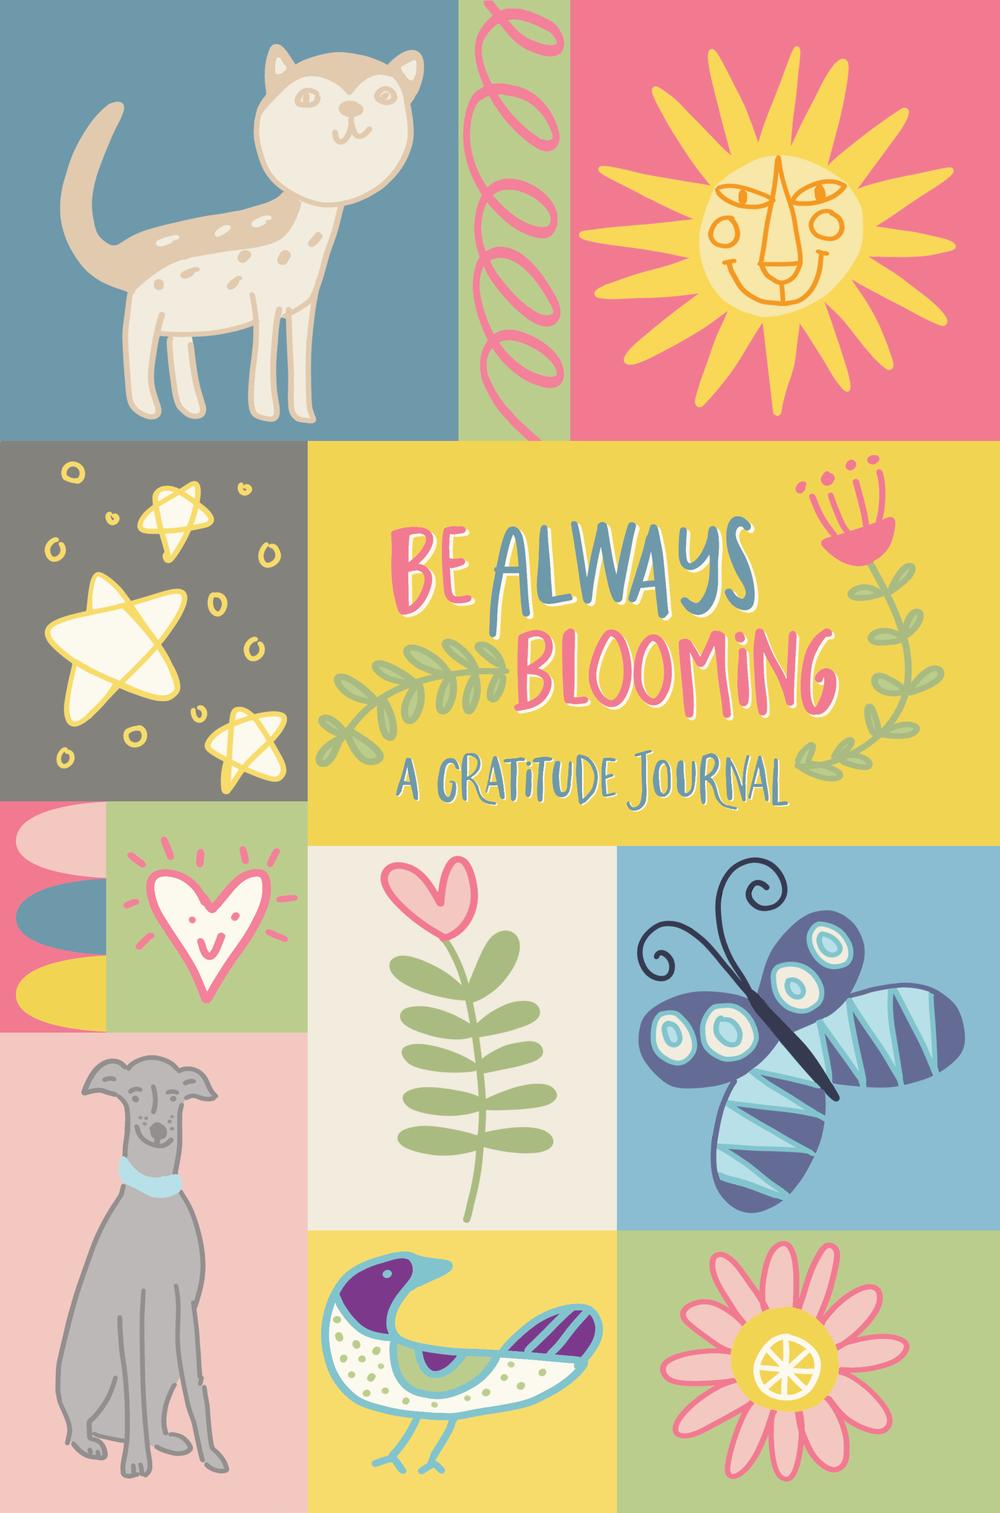 Children's Gratitude Journal Cover by Chris Olson